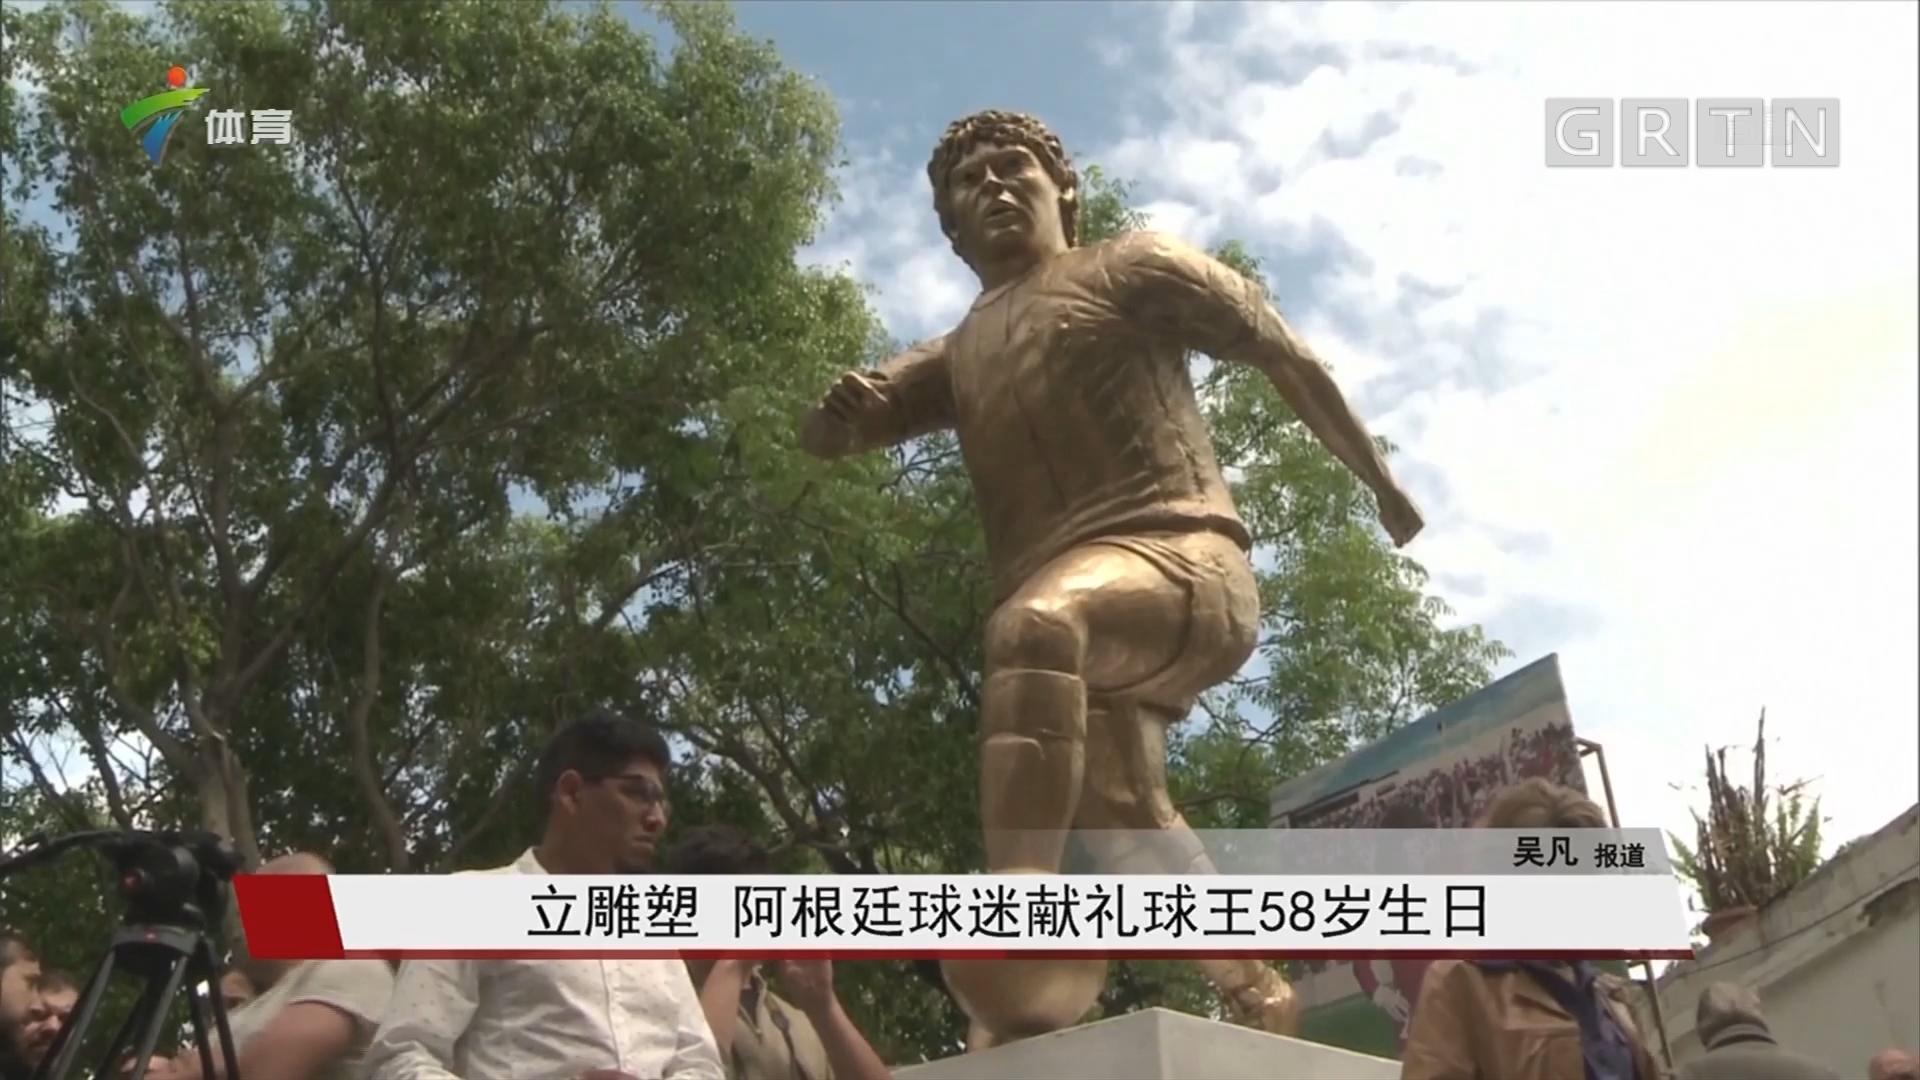 立雕塑 阿根廷球迷献礼球王58岁生日